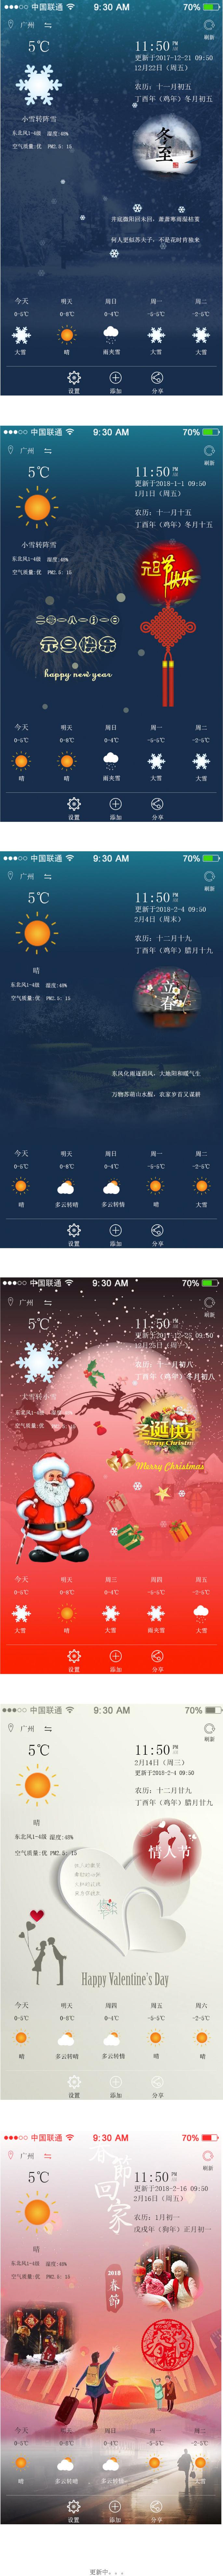 表情 安市天预报 天气预报赵红艳 重庆天气预报 呼市天气预报 7262图片网 表情